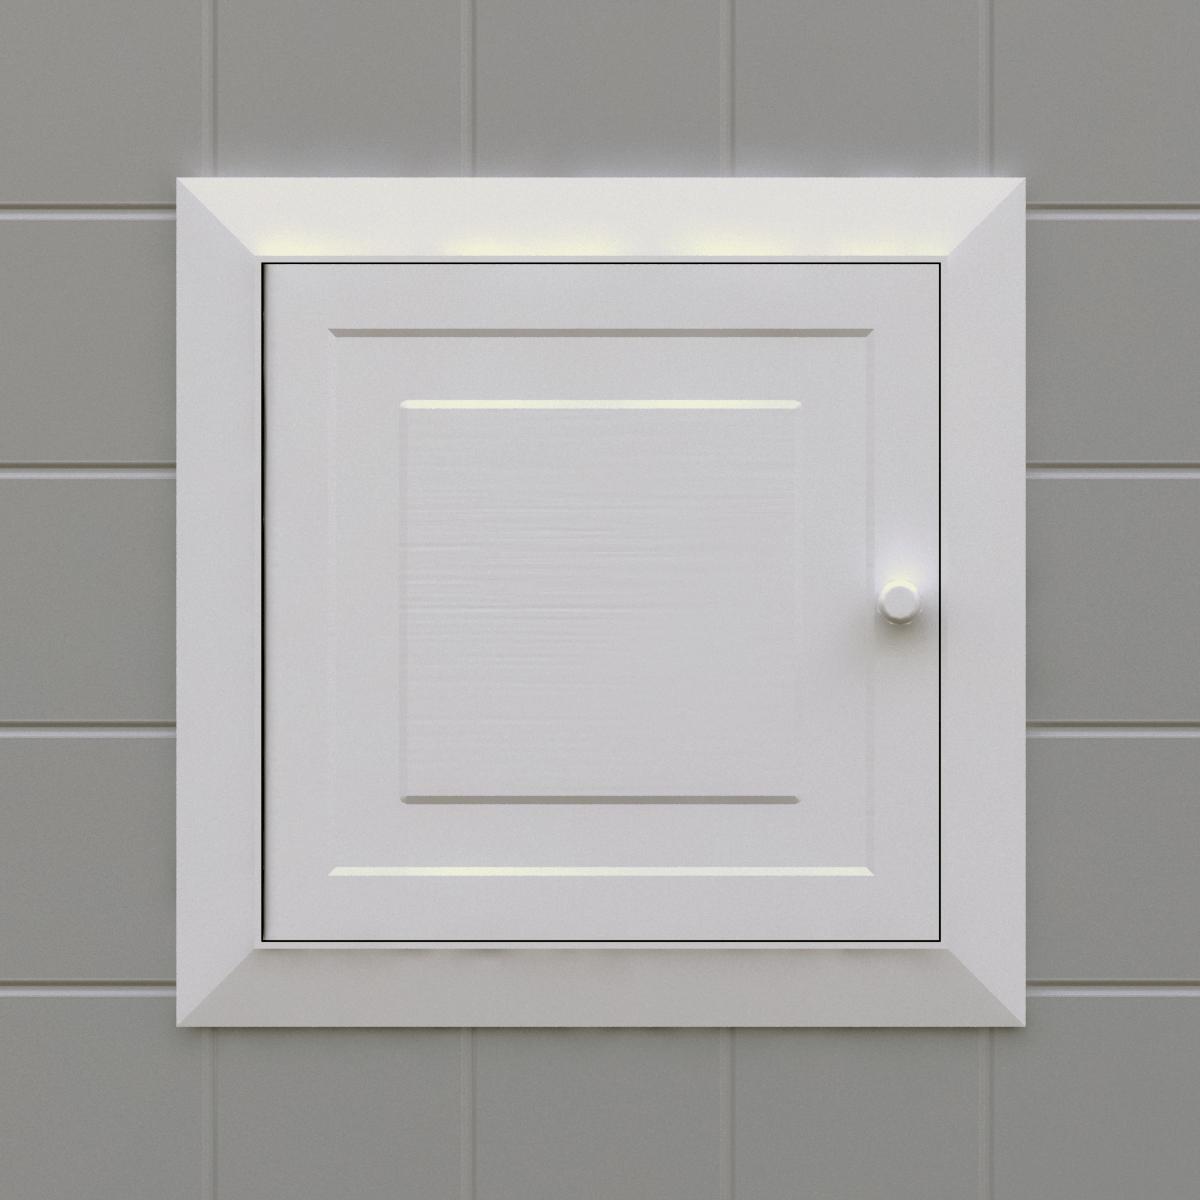 Panel con puerta corriente Silplas